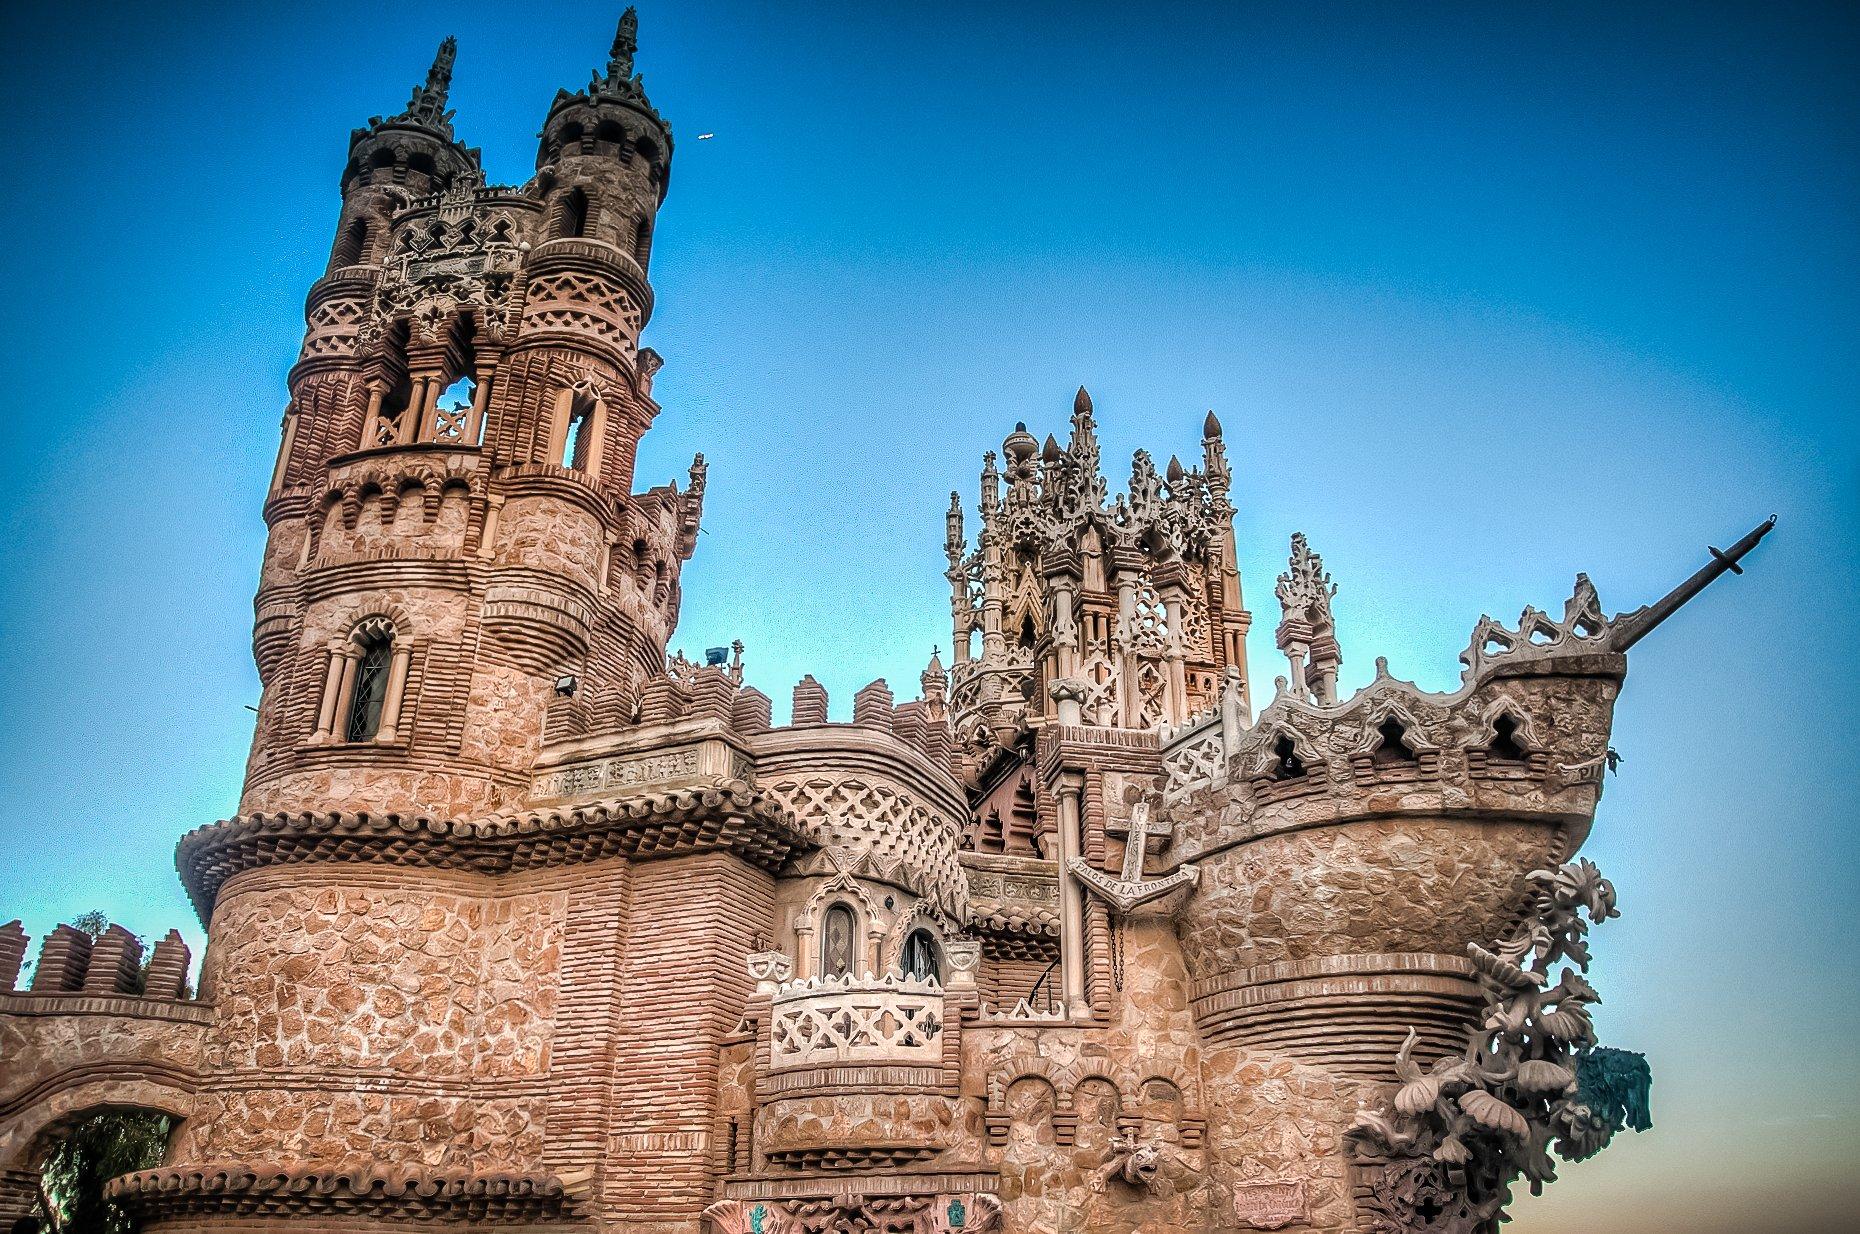 самые красивые замки испании фото пузырь врачи